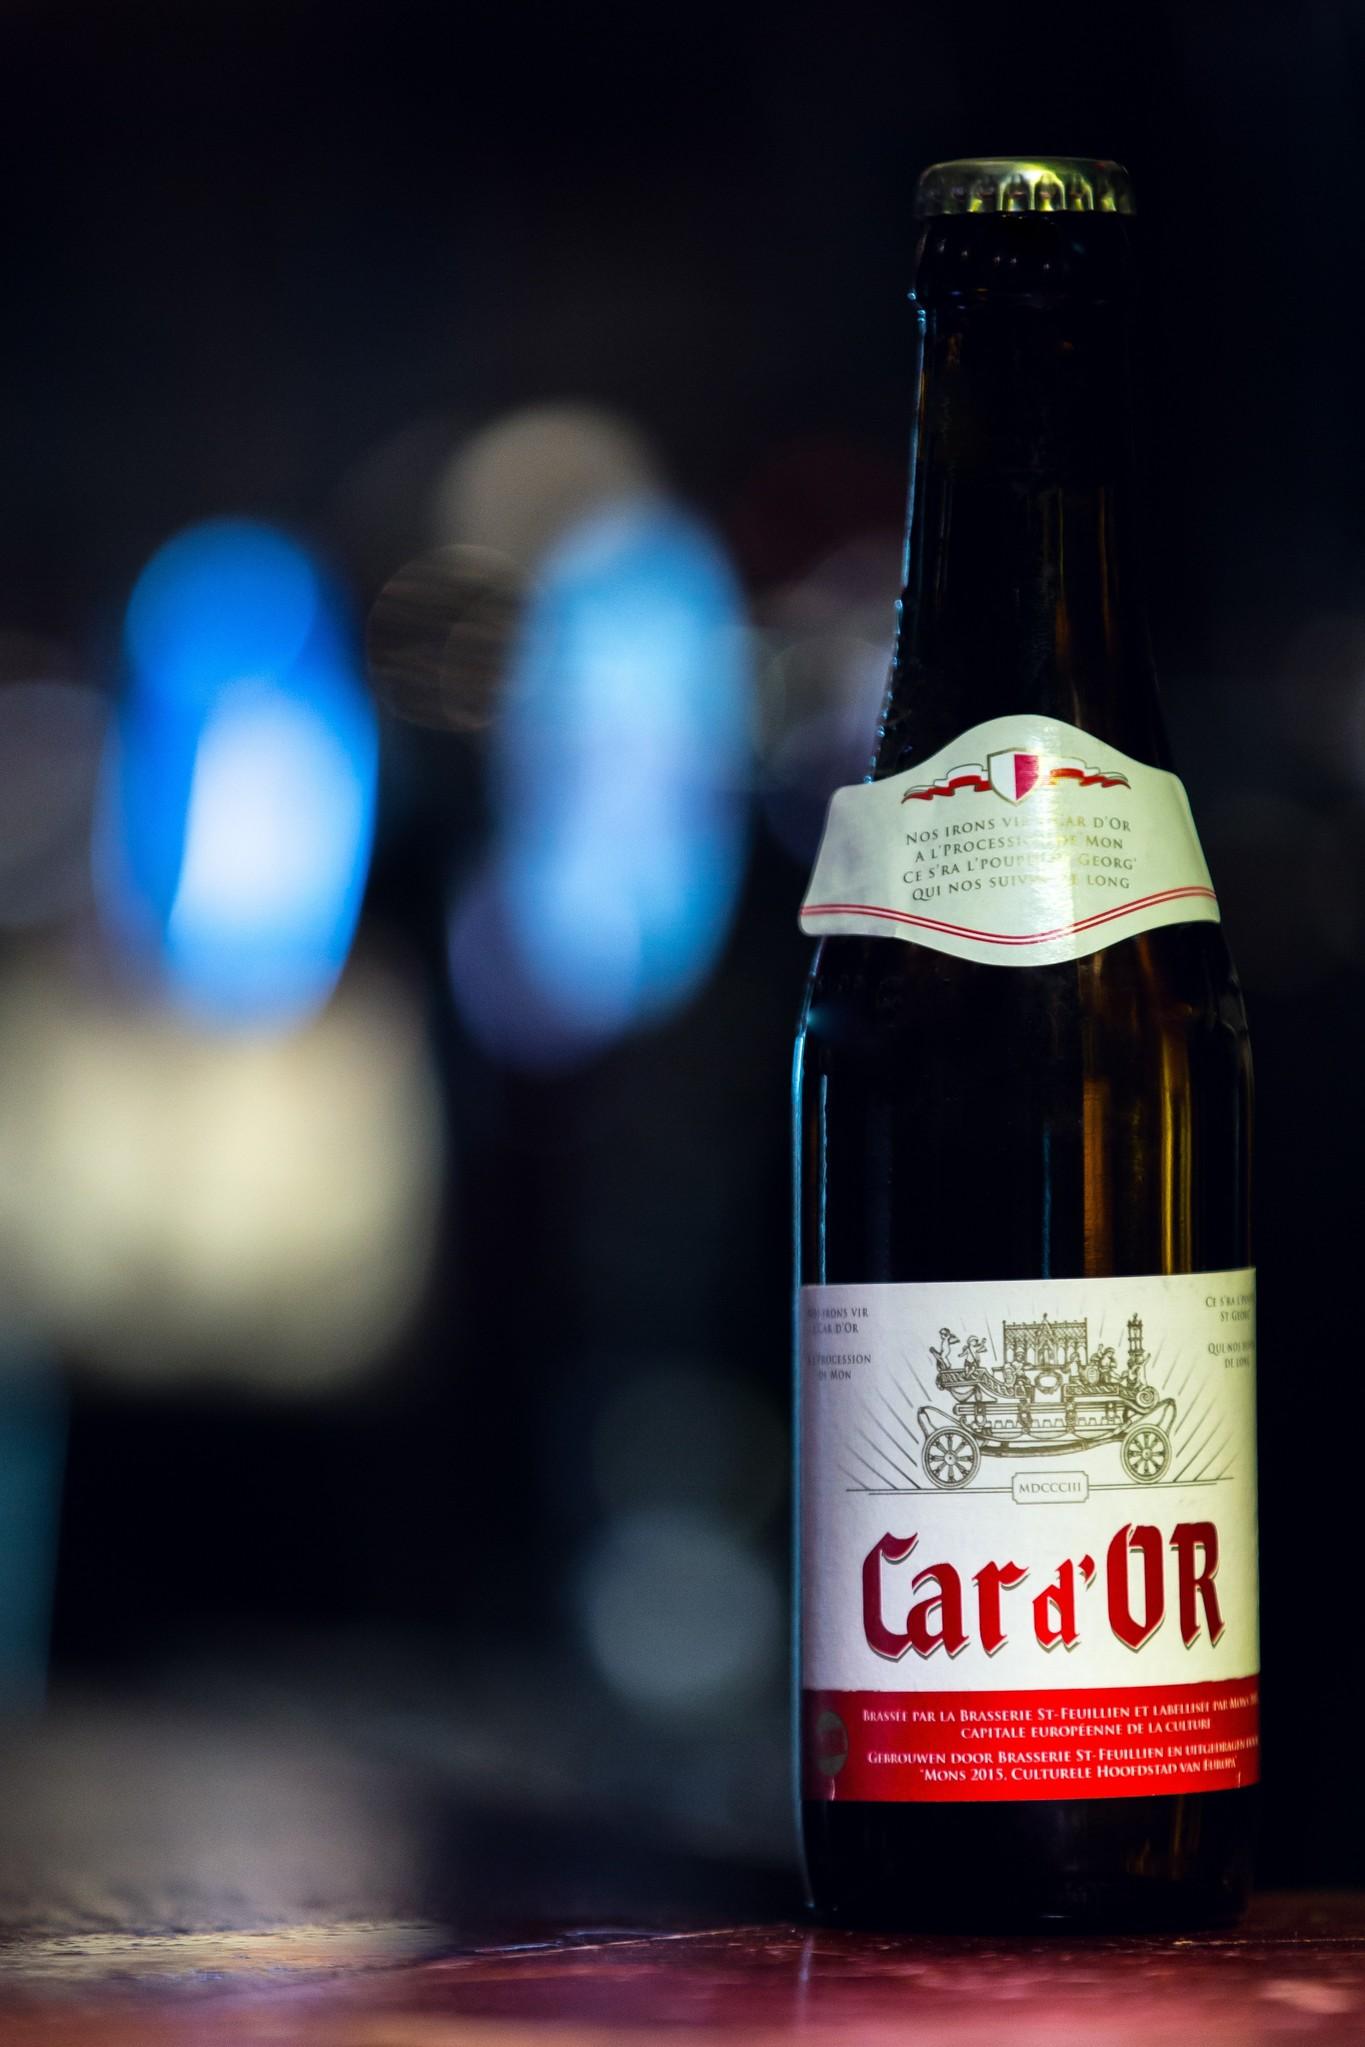 Car d'or Herkomst: Le Roeulx, België Car d'or is afkomstig van brouwerij St. Feullien uit België. Het bier heeft een hoge gis-ting en nagisting op de fles. Dit frisse blonde speciaalbier heeft een mooi bittertje en een aangename geur en afdronk. Car d'or heeft in 2014 een gouden medaille gewon-nen in de Brussels Beer Challenge en de European Beer Star in de Categorie Belgian Style Ale. En dat is niet voor niks. Het bier bevat een alcoholpercentage van 6%. Advies serveertemperatuur 8 graden.